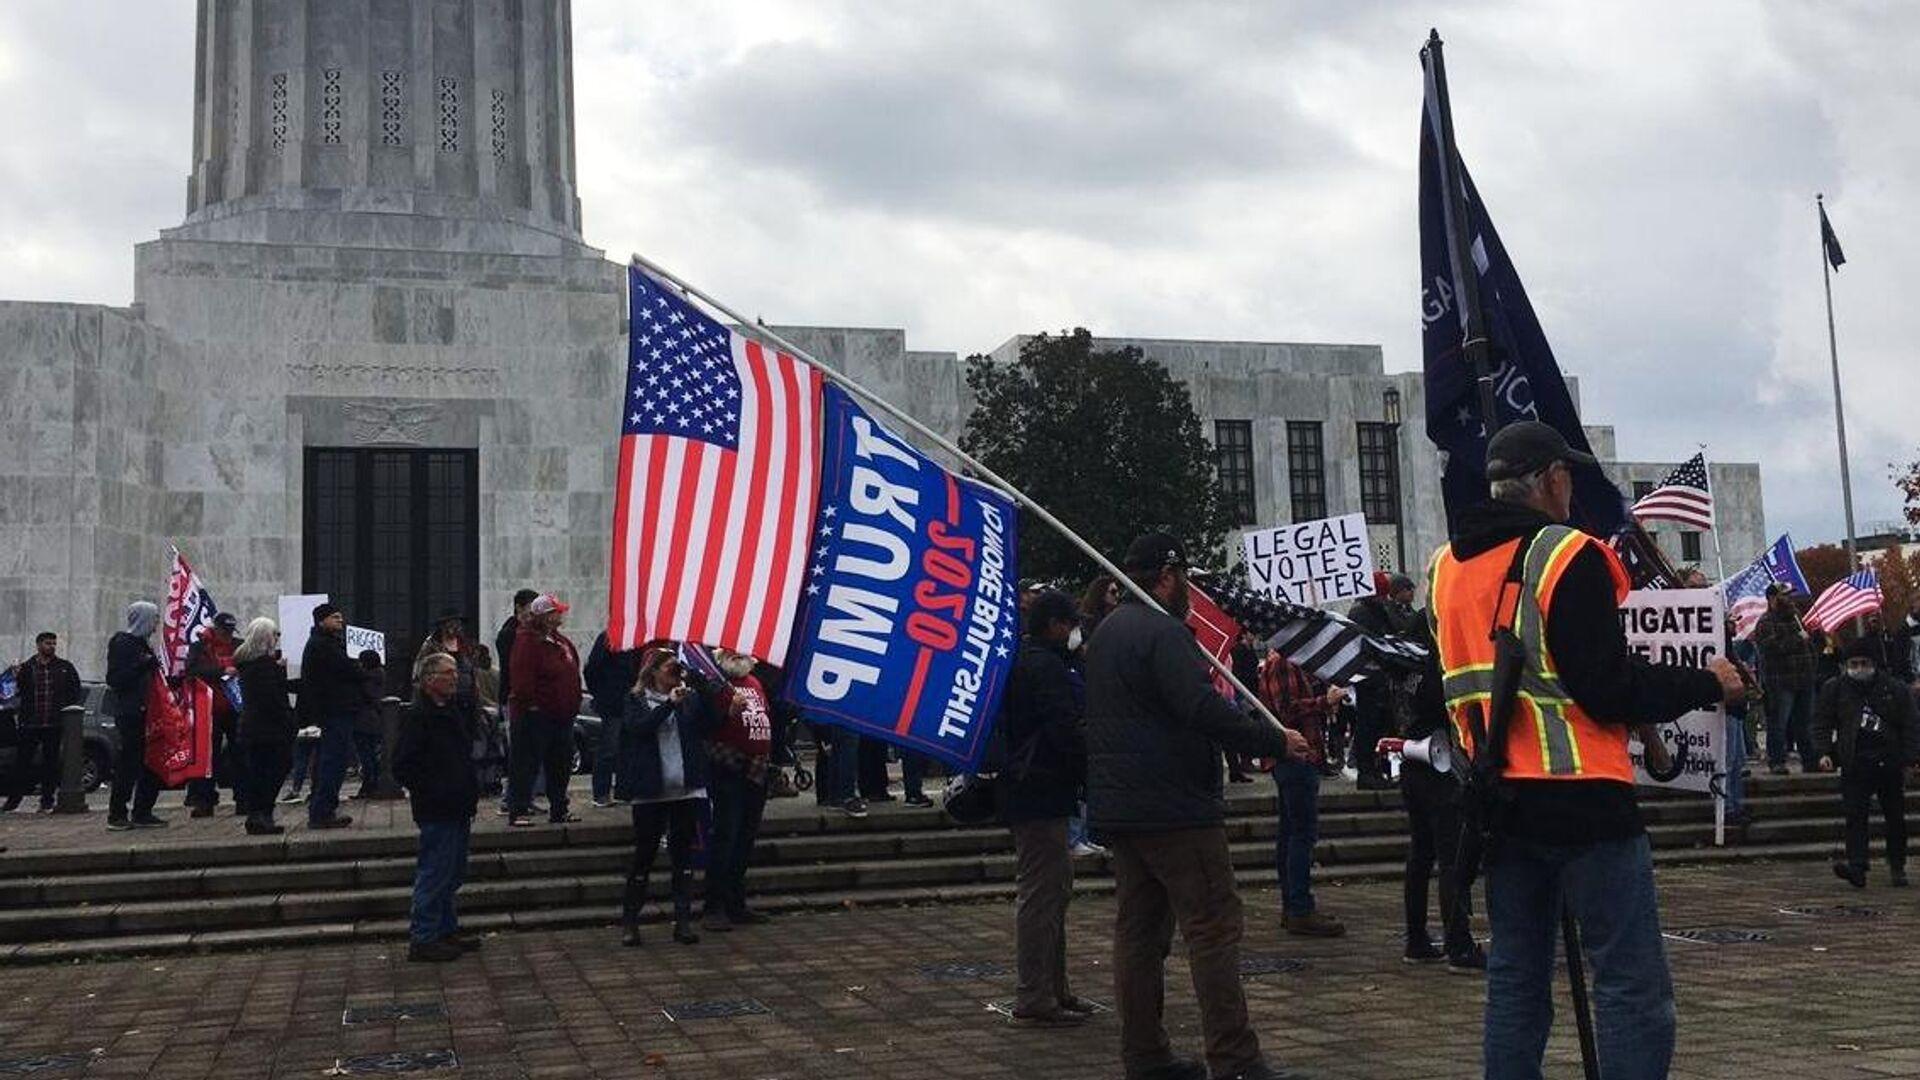 Митинг в поддержку действующего президента США Дональда Трампа в Салеме, столице штата Орегон - РИА Новости, 1920, 08.11.2020